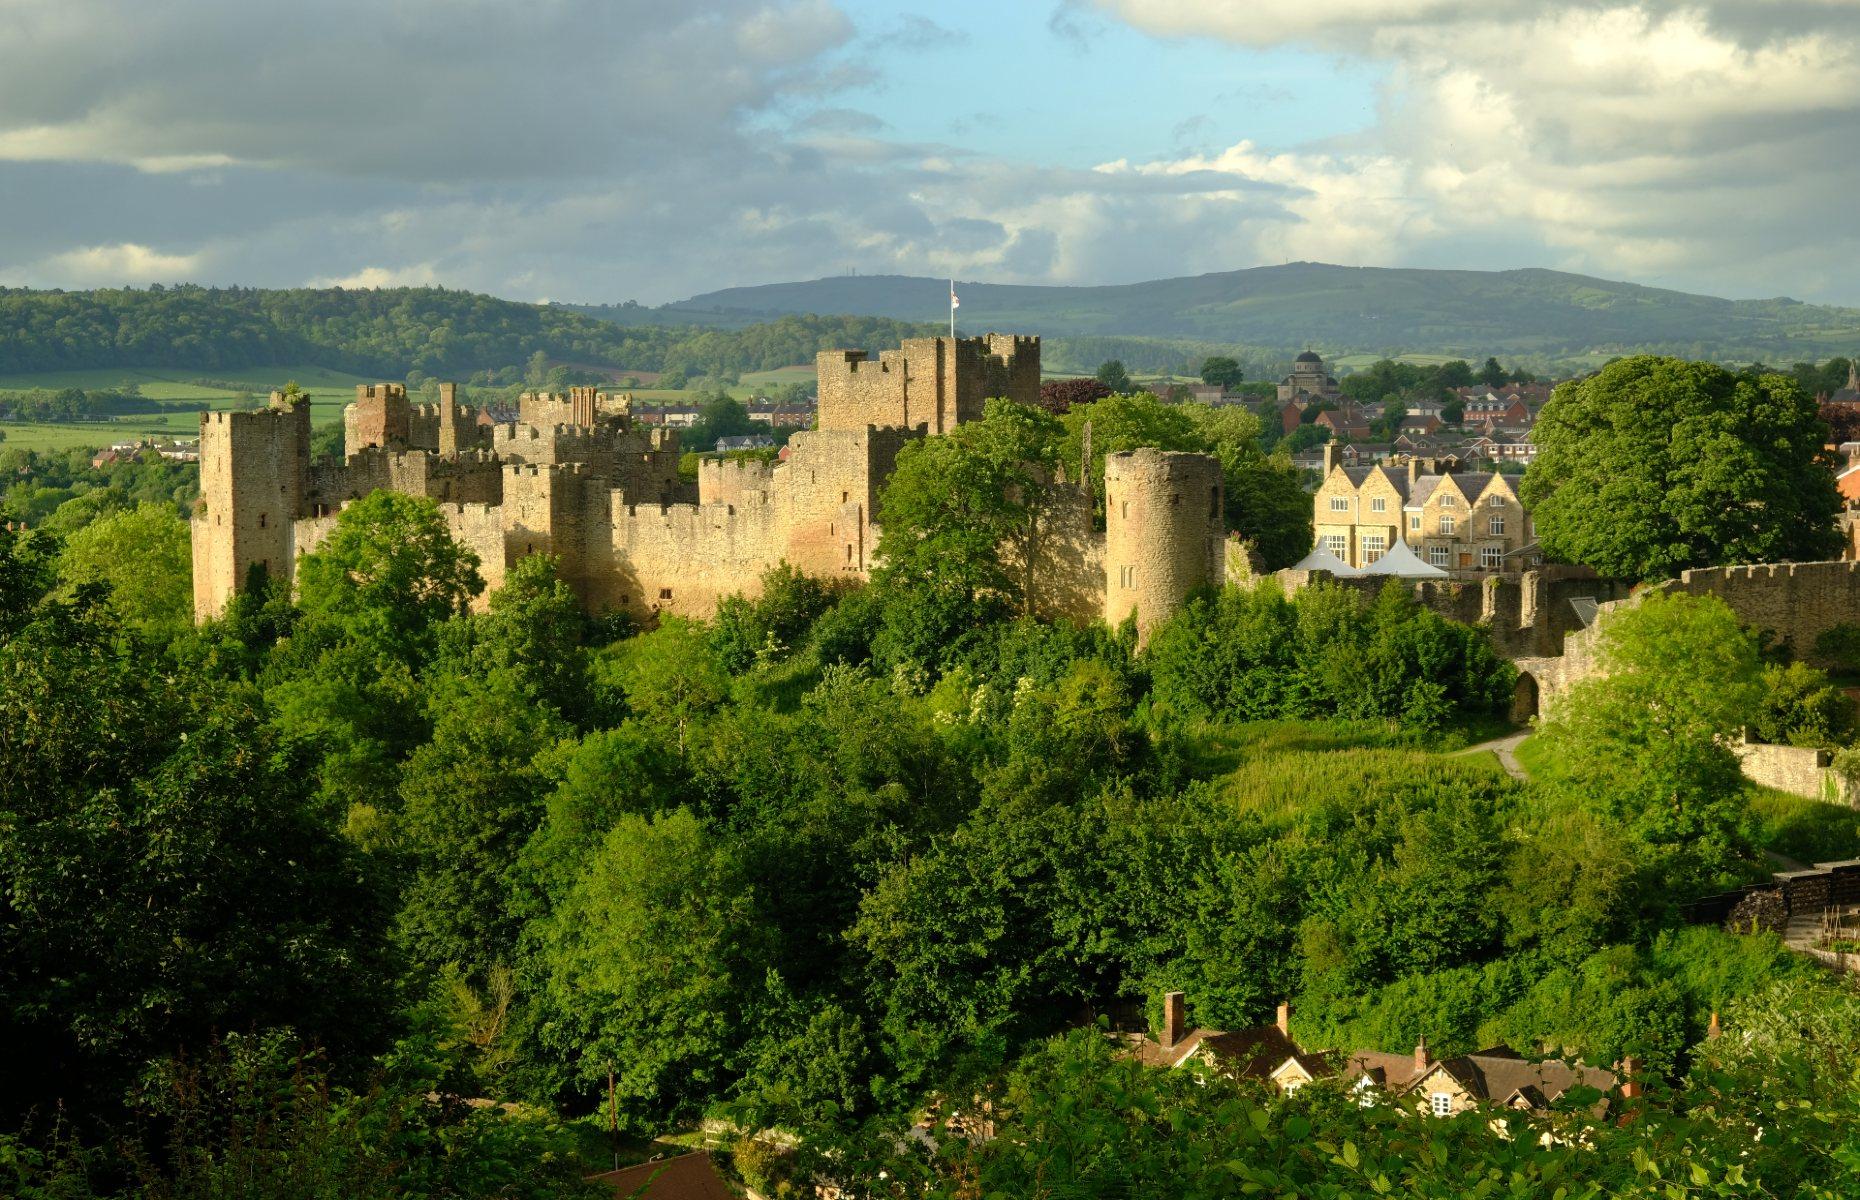 Ludlow Castle (Image: Richard Hayman/Shutterstock)